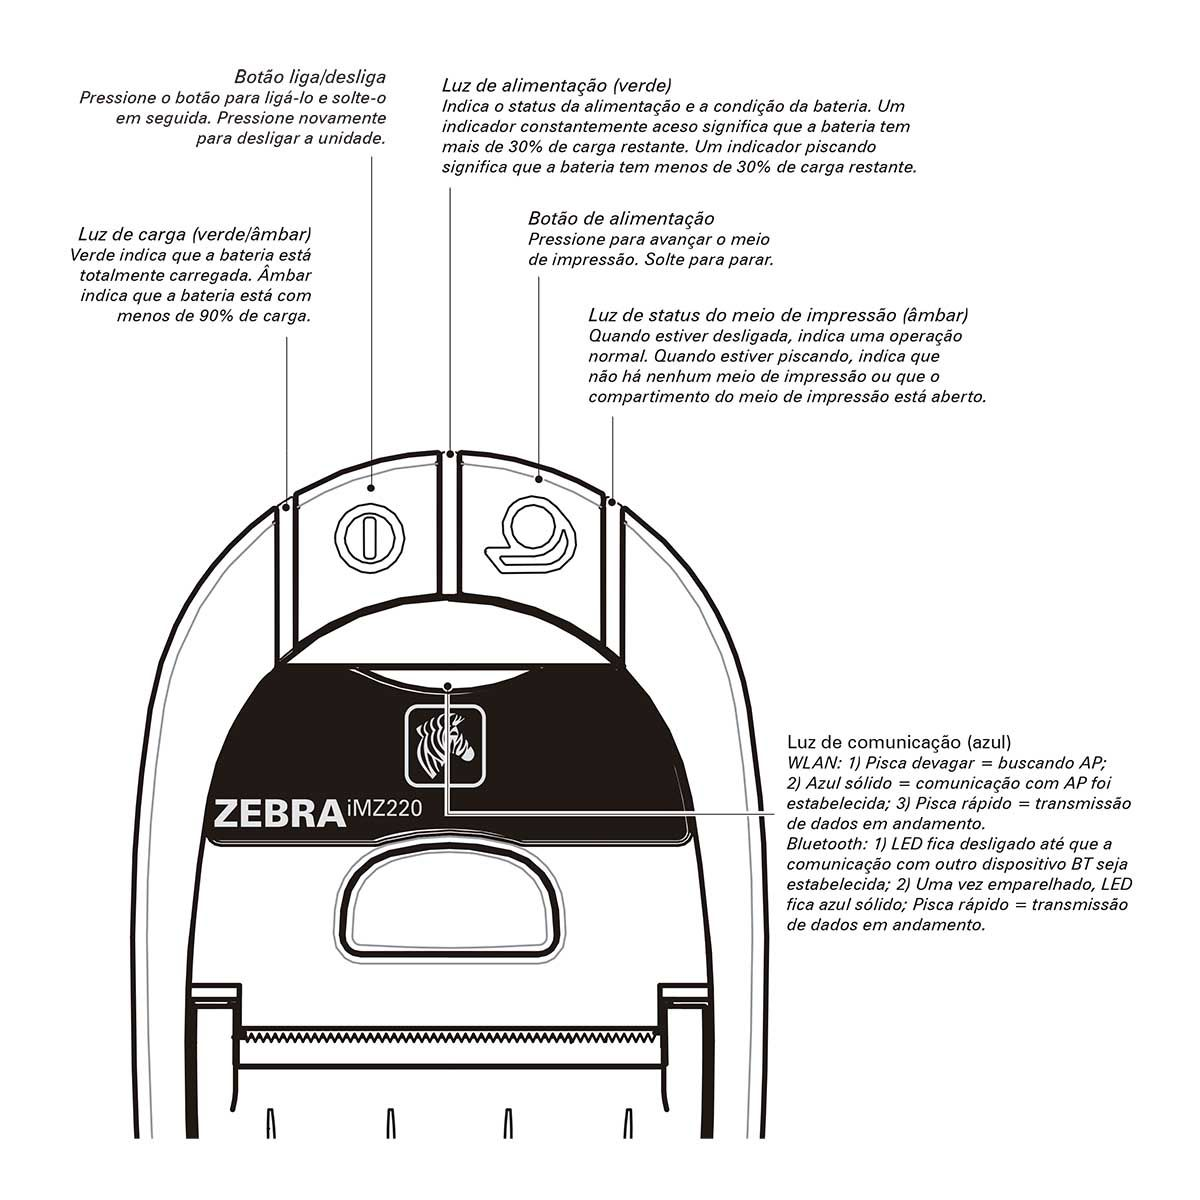 Impressora Portátil de Etiquetas iMZ320 - Zebra